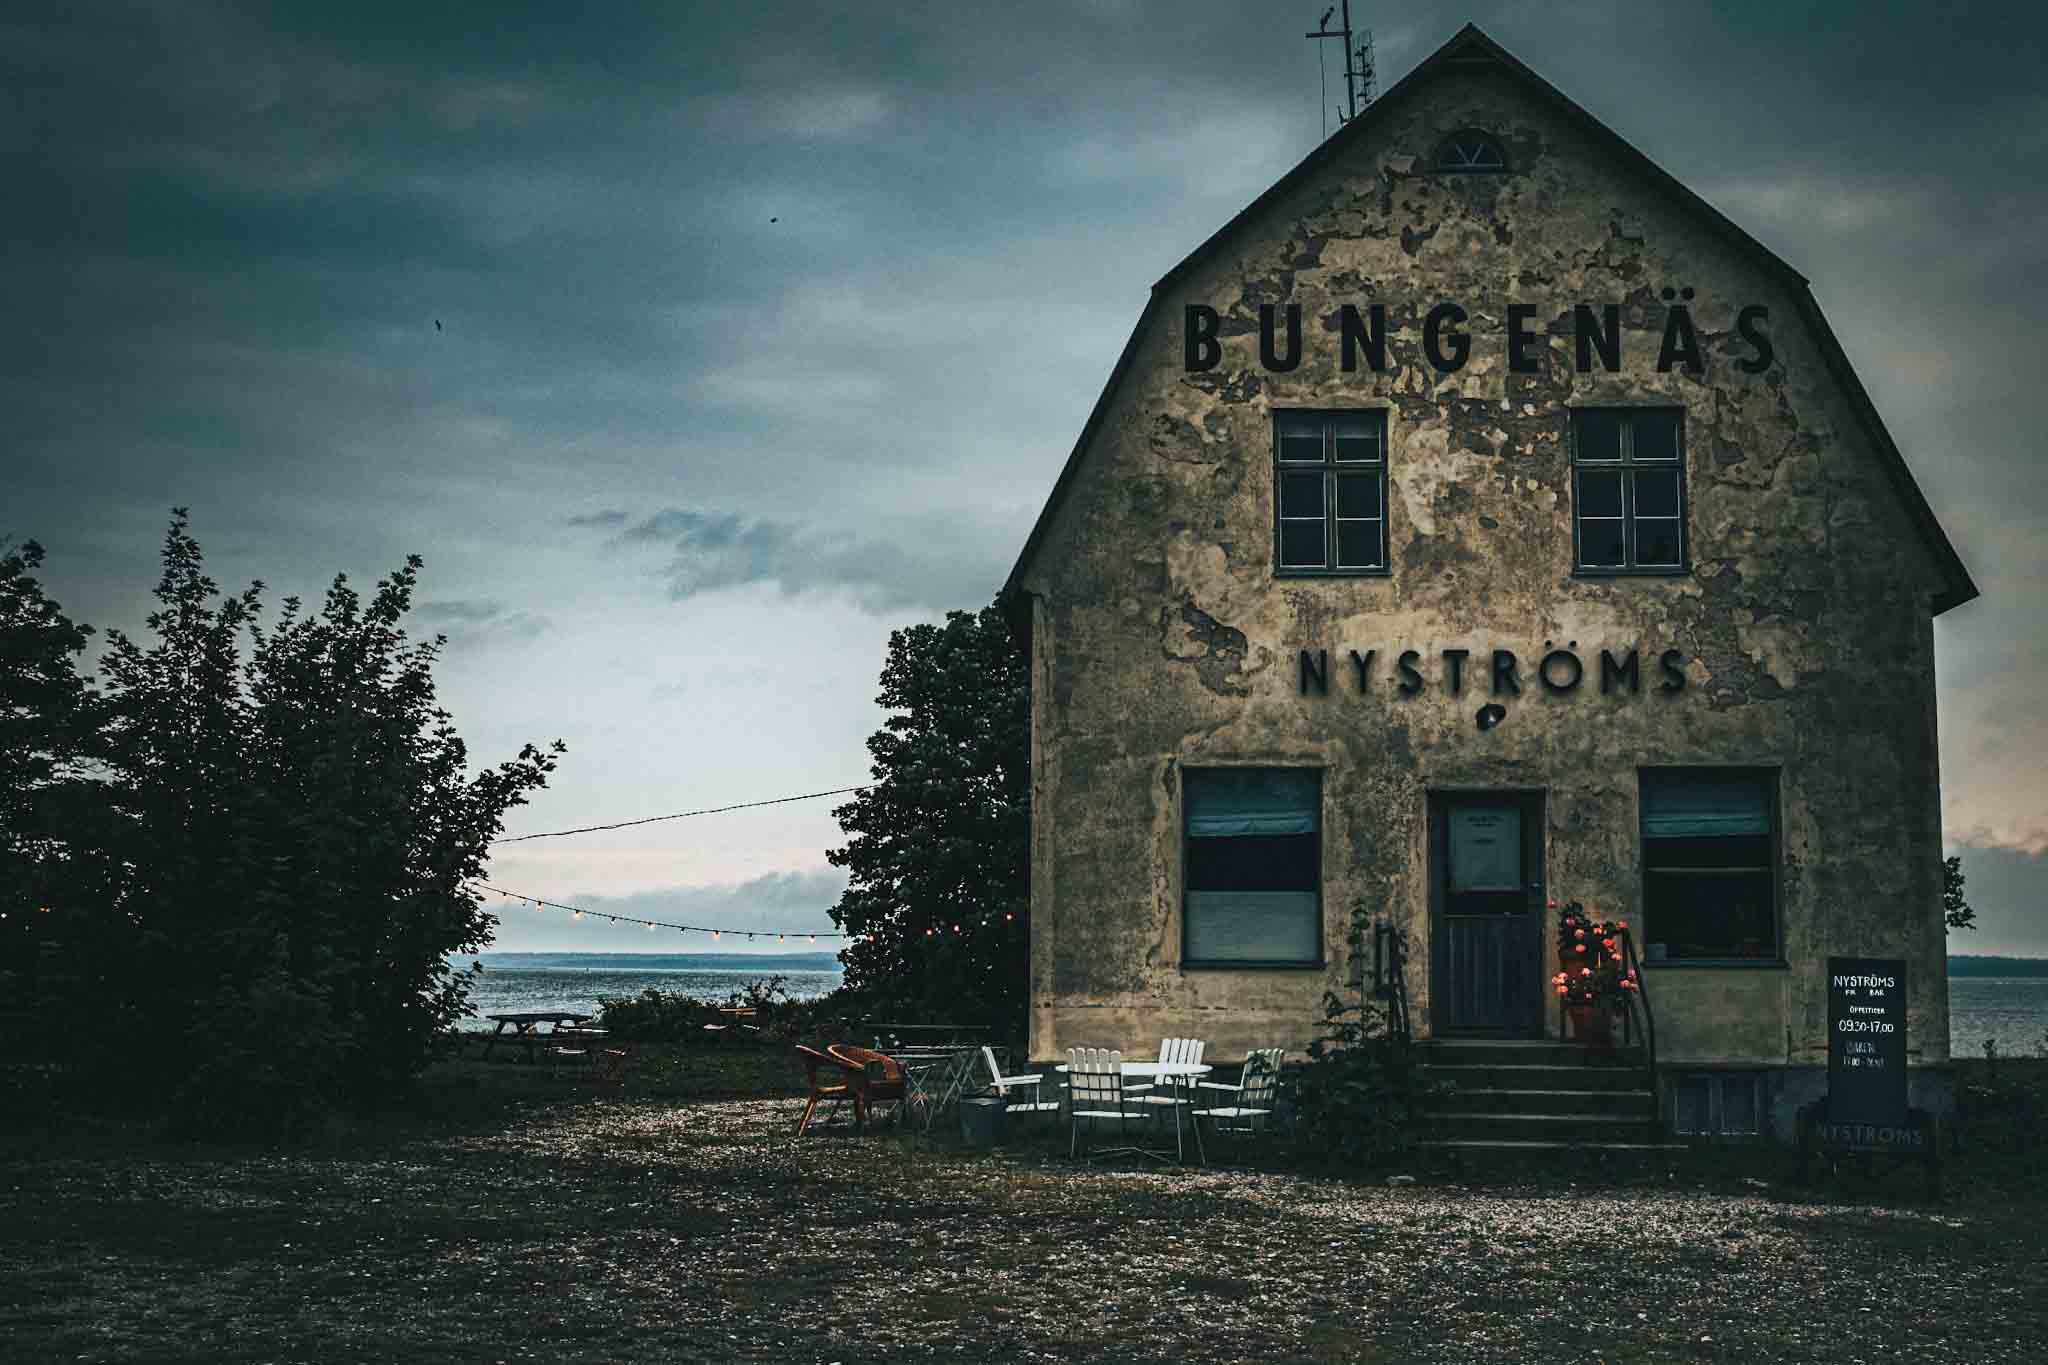 Nyströms bungenäs gotland